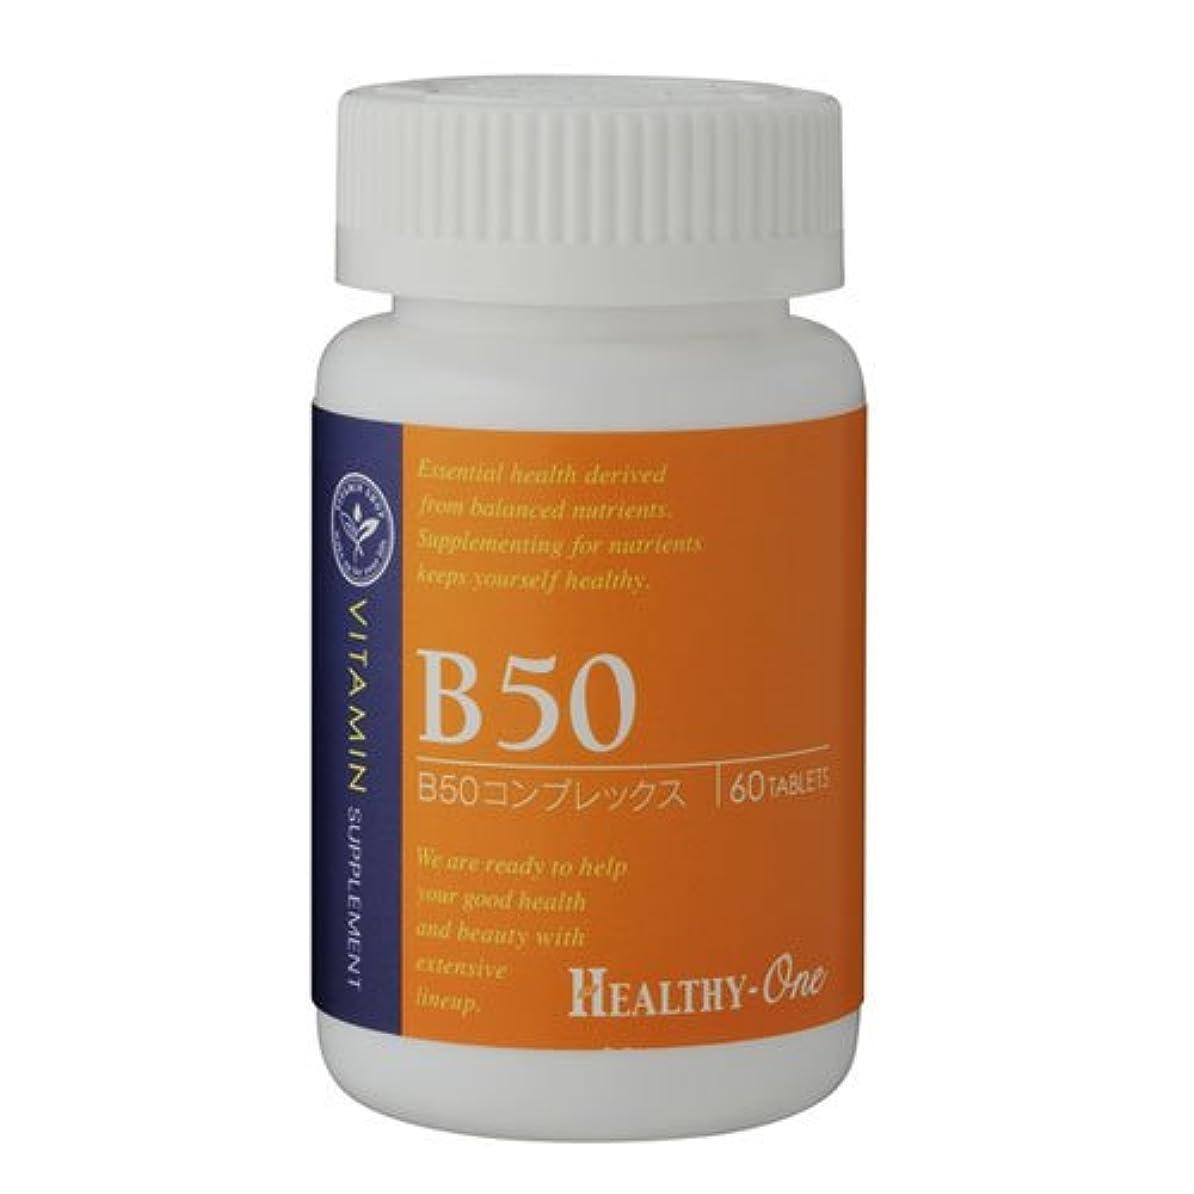 超える出口棚【栄養士常駐】 ビタミンB50 60粒 30~60日分 サプリメント専門店ヘルシーワン(国内17店舗展開)TELでお気軽に相談ください